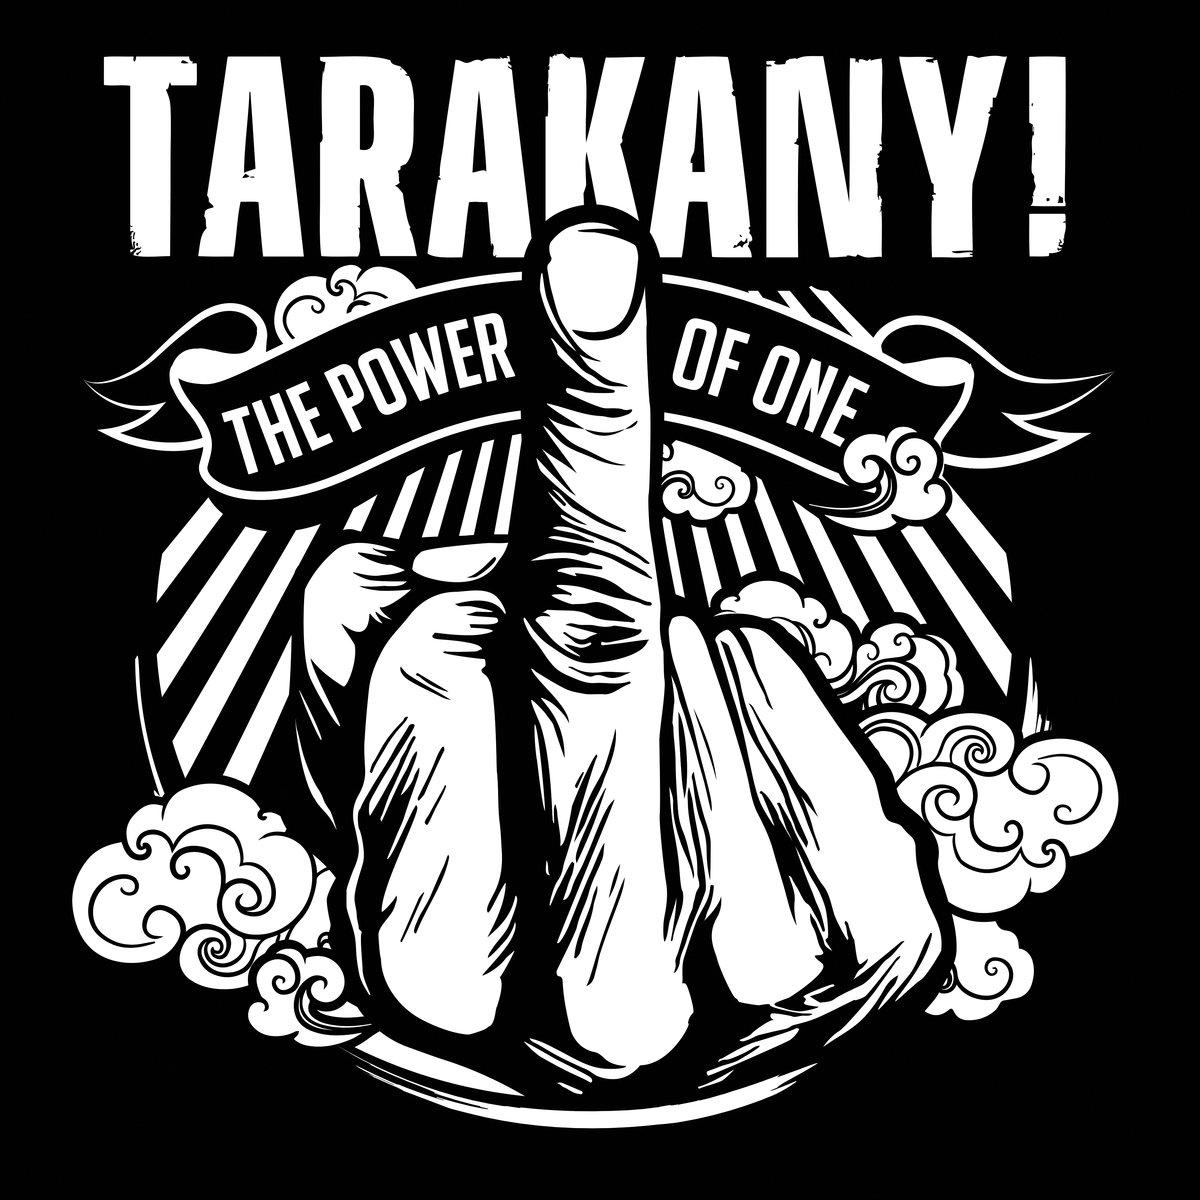 Новый альбом Тараканов! издадут на американском лейбле группы Anti-Flag